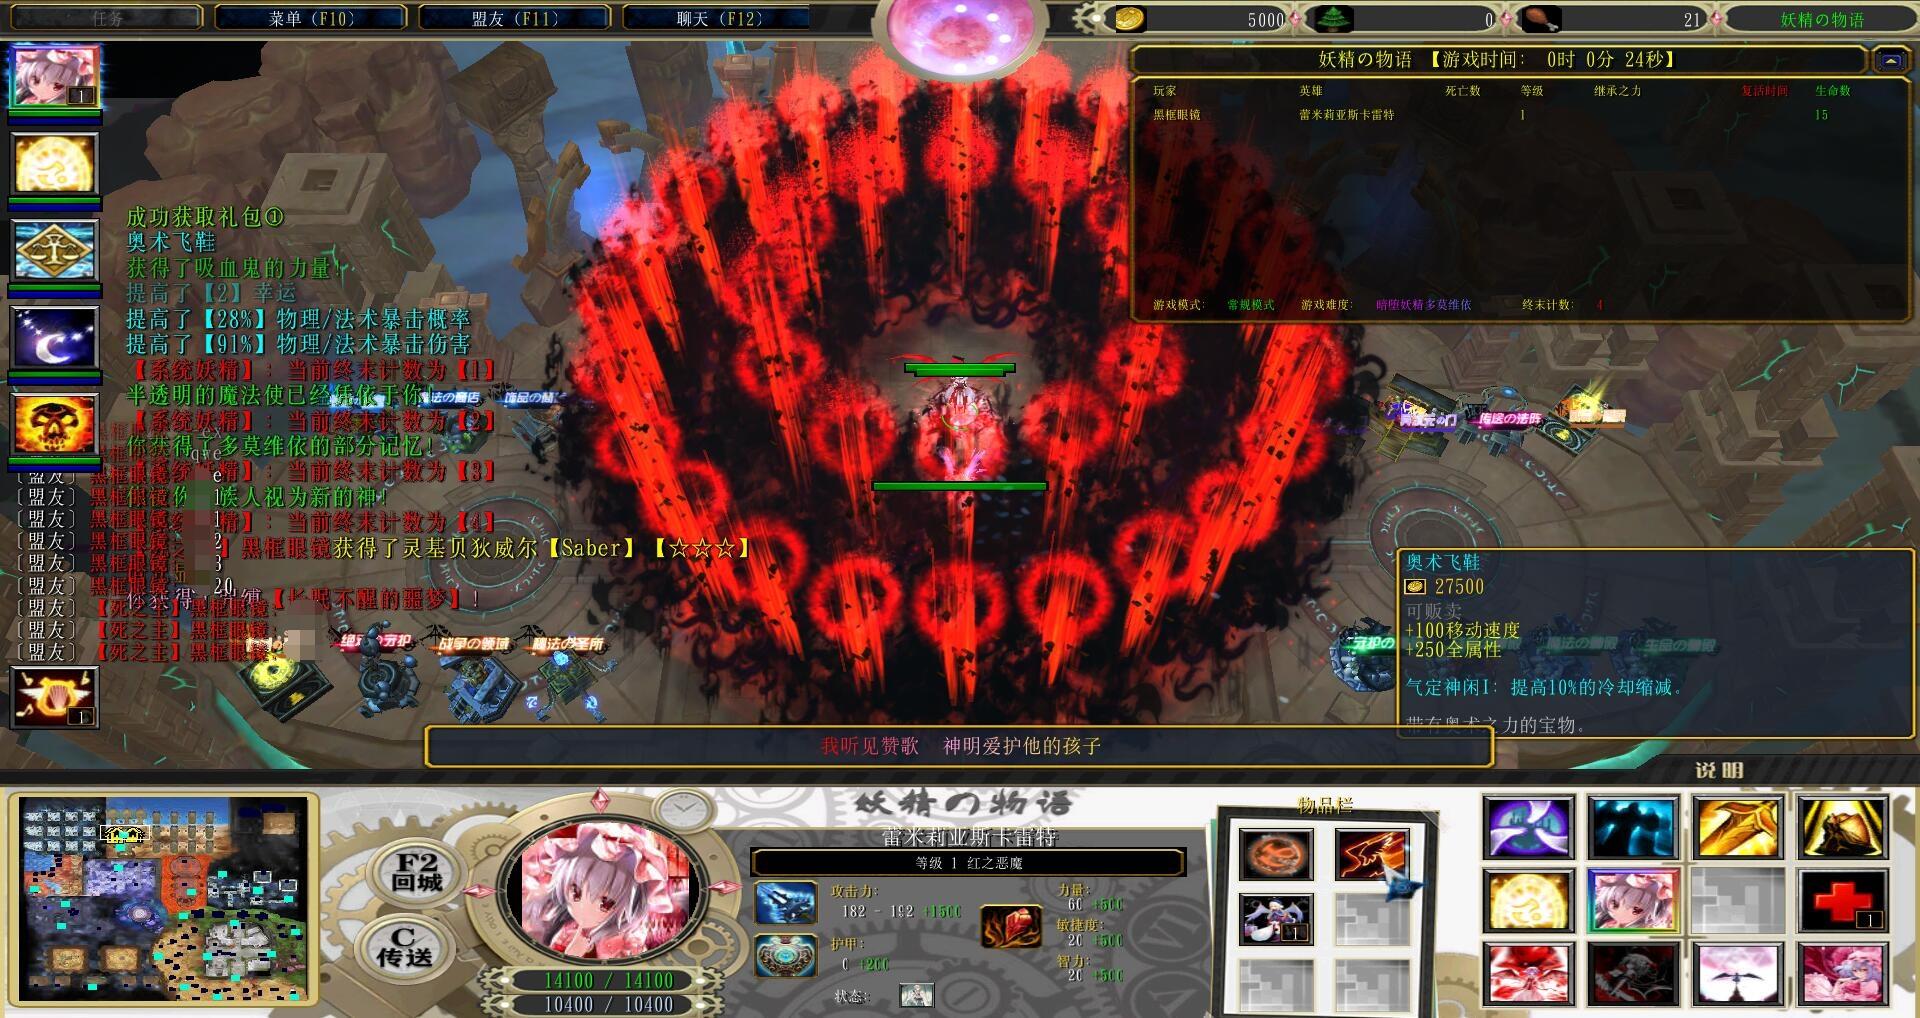 妖精の物语3.15a黑式破解